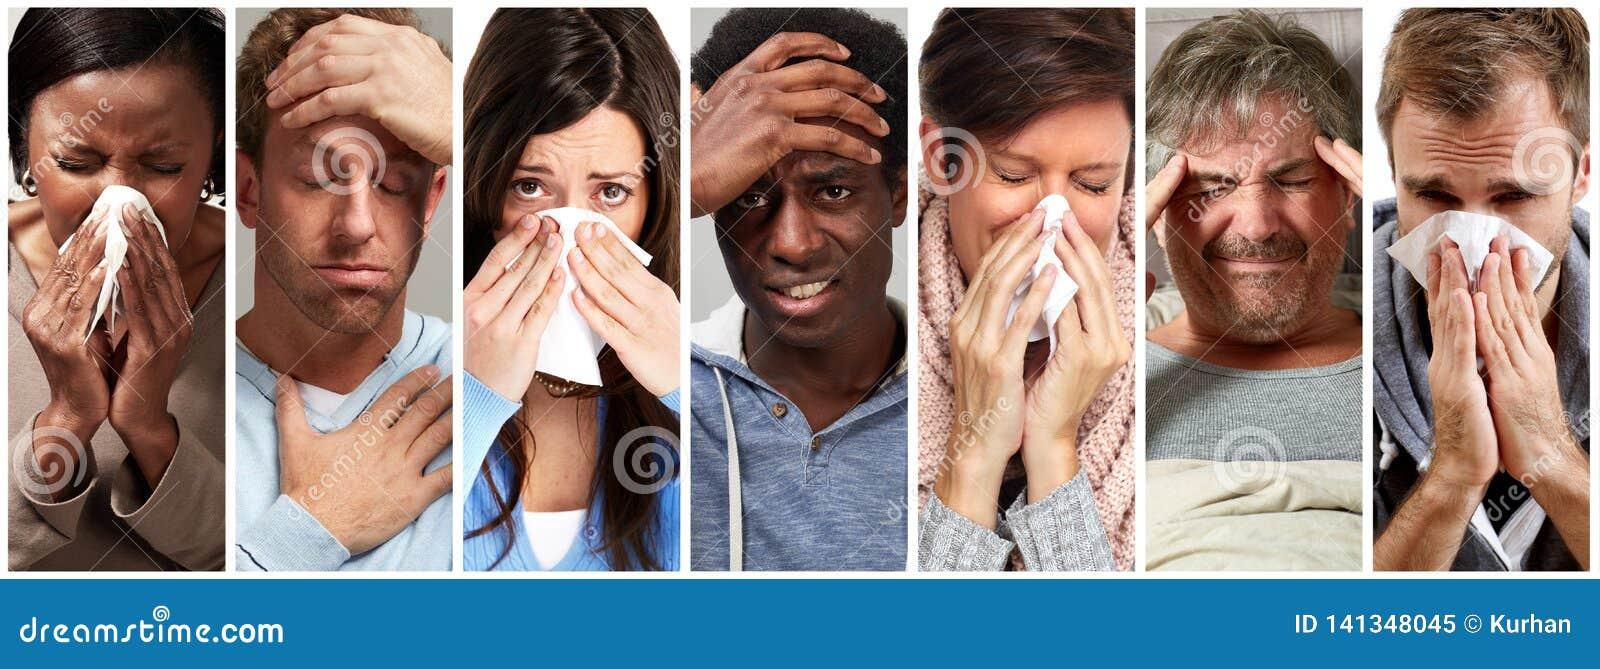 Gente enferma que tiene gripe, frío y estornudo